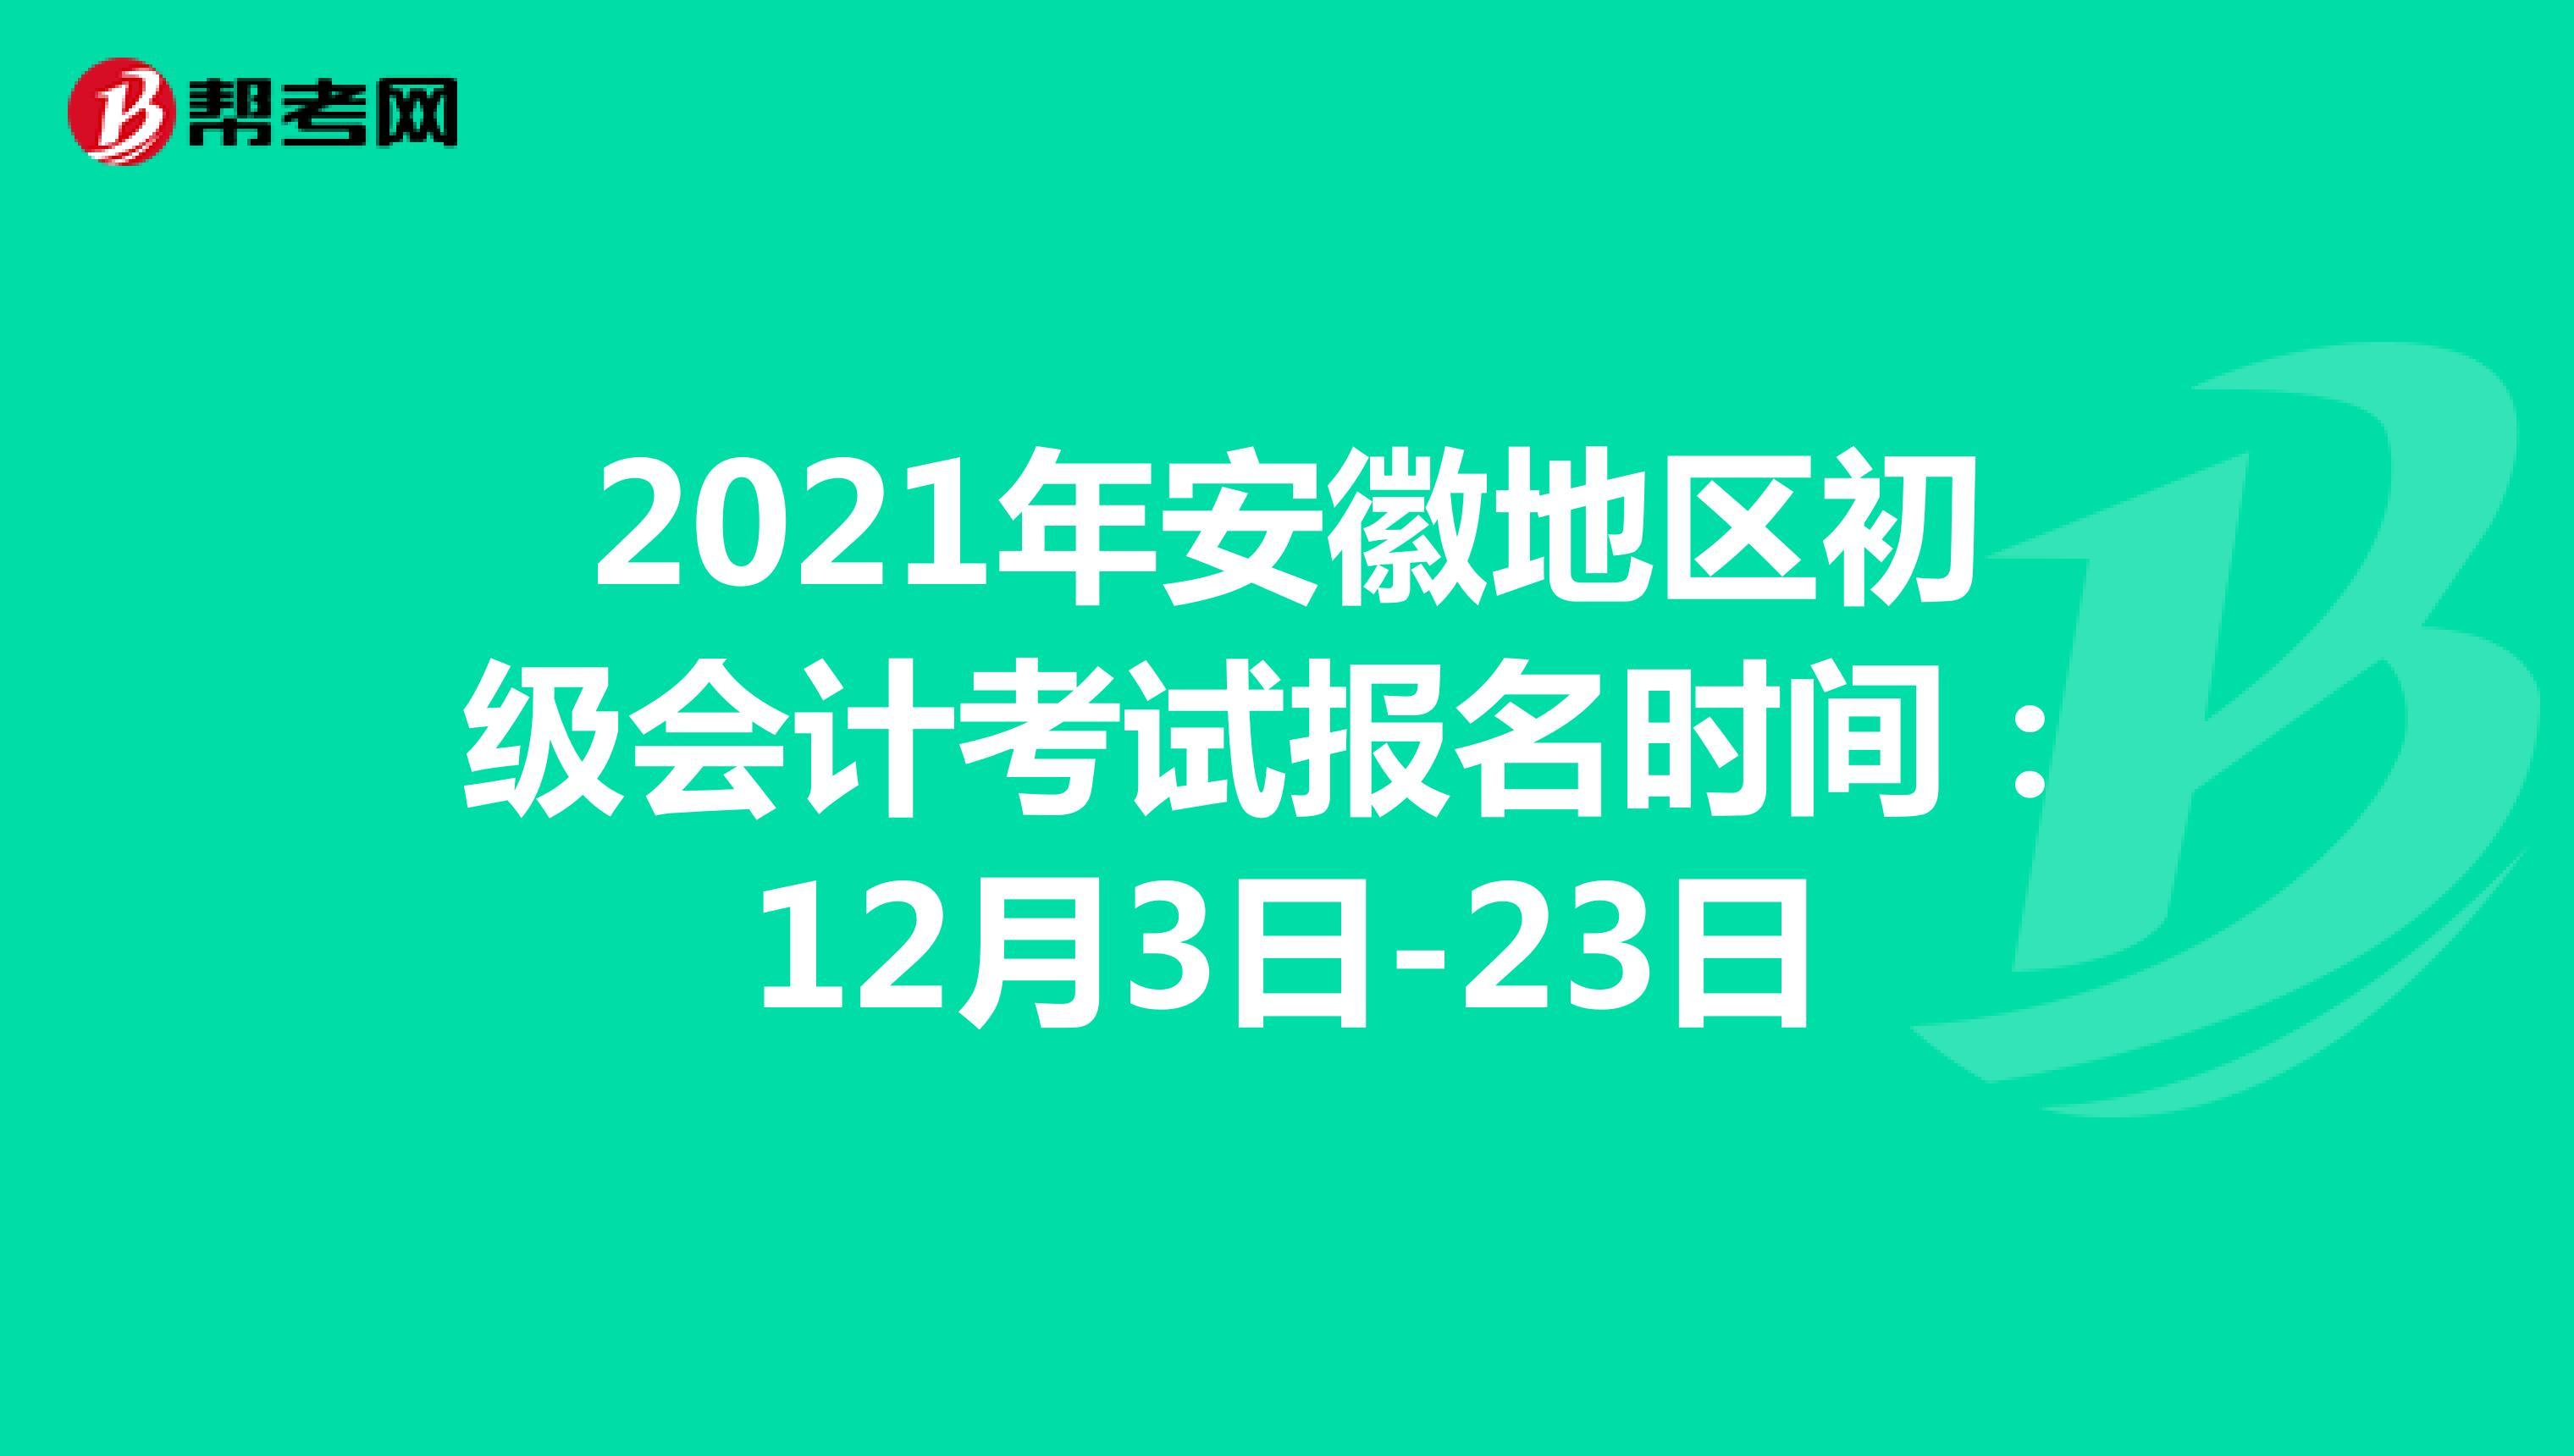 2021年吉林地区初级会计考试报名时间:12月3日-23日